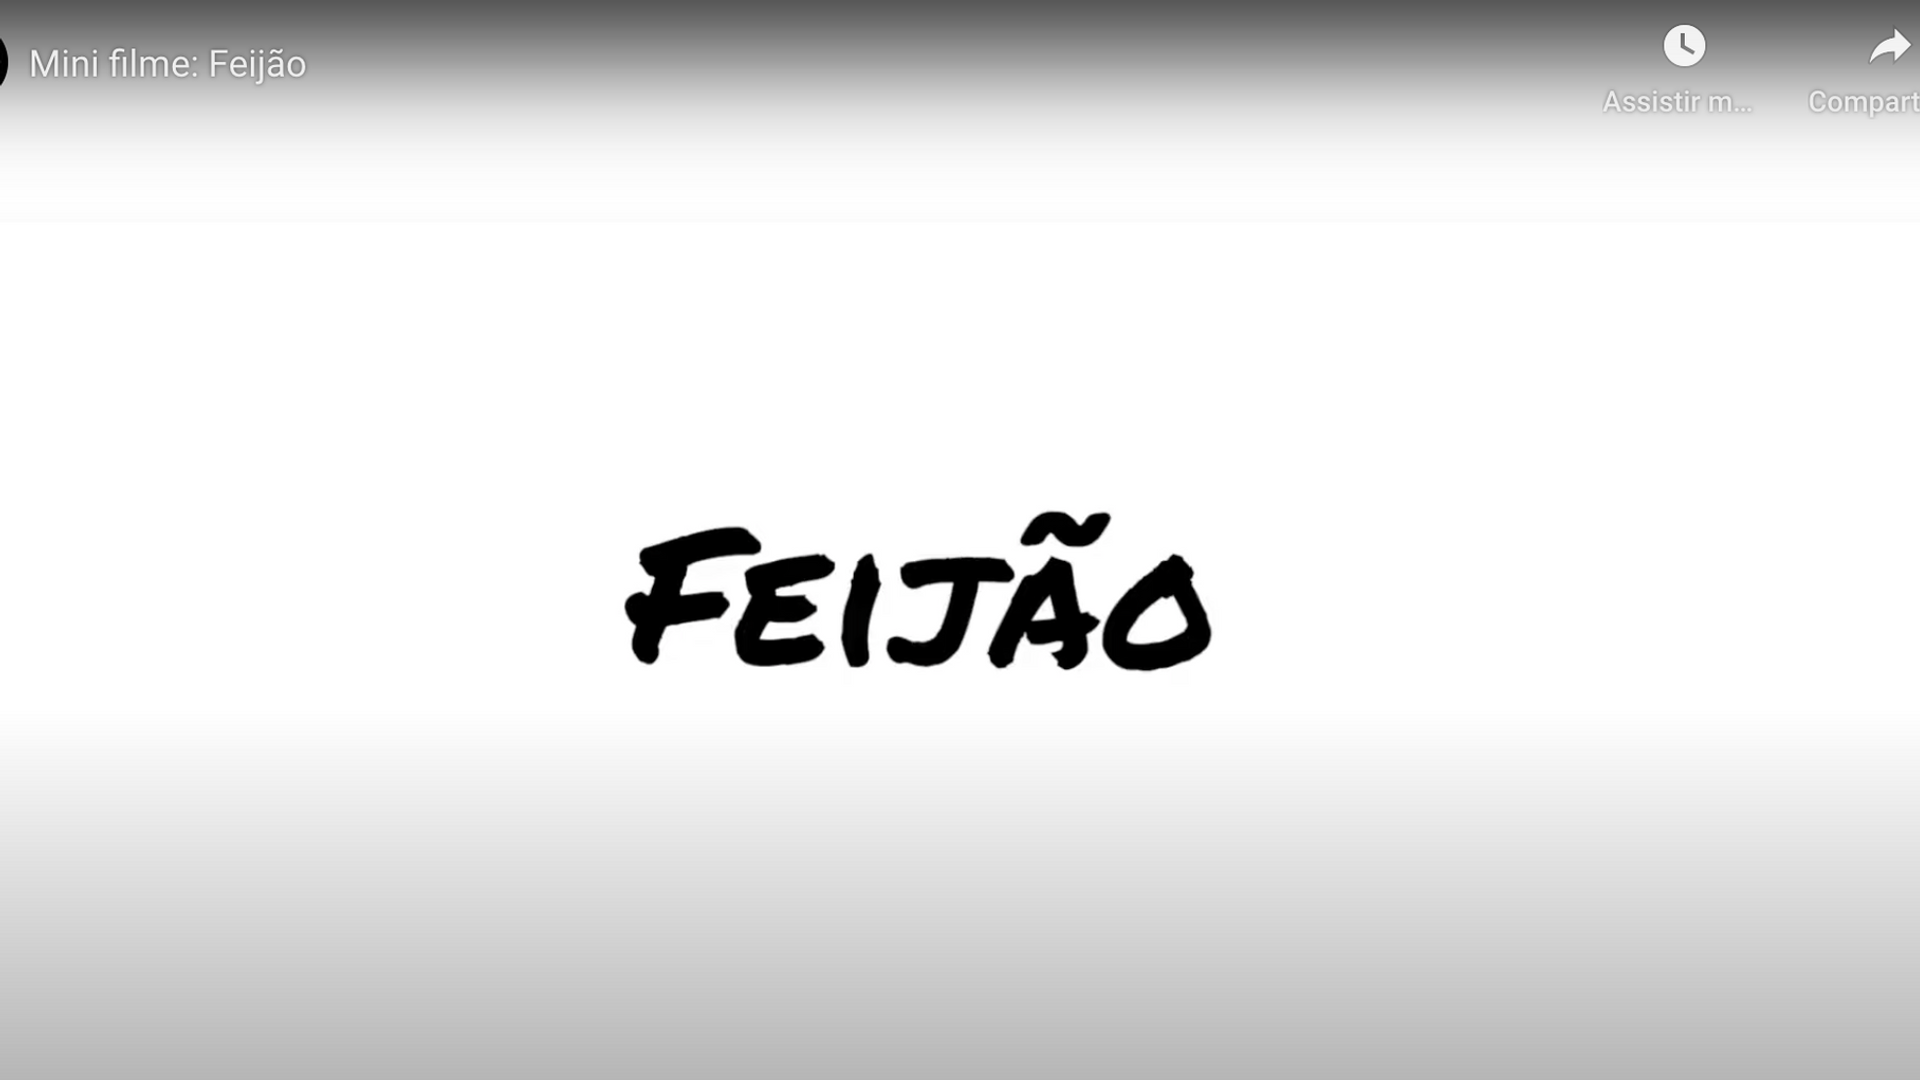 Feijão